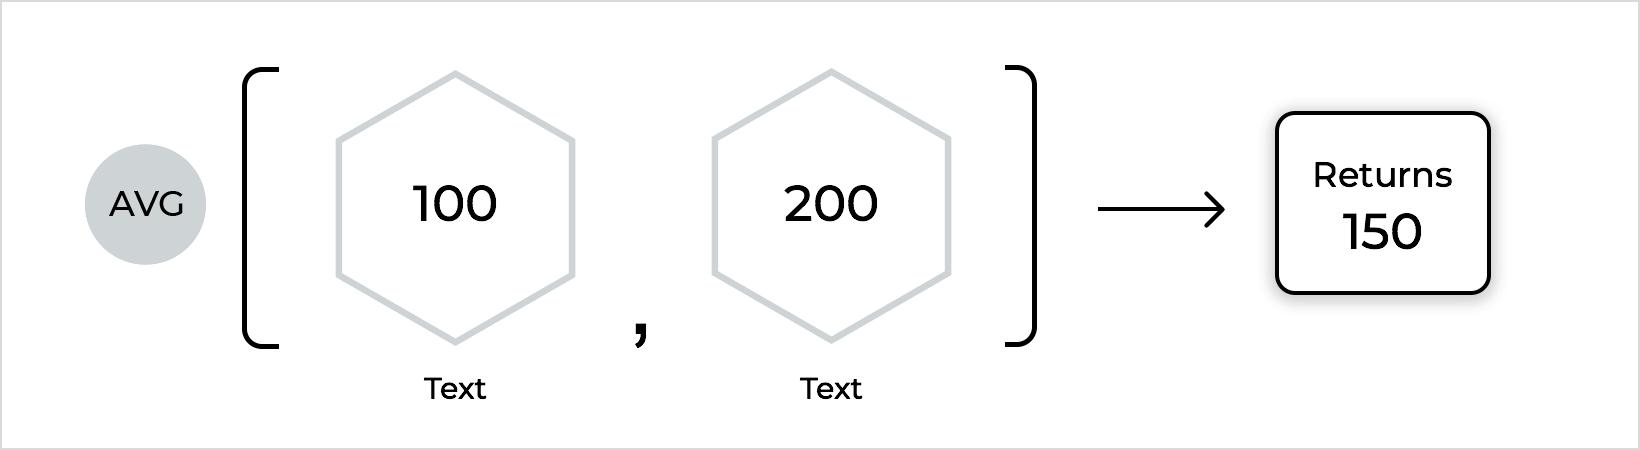 Average Example